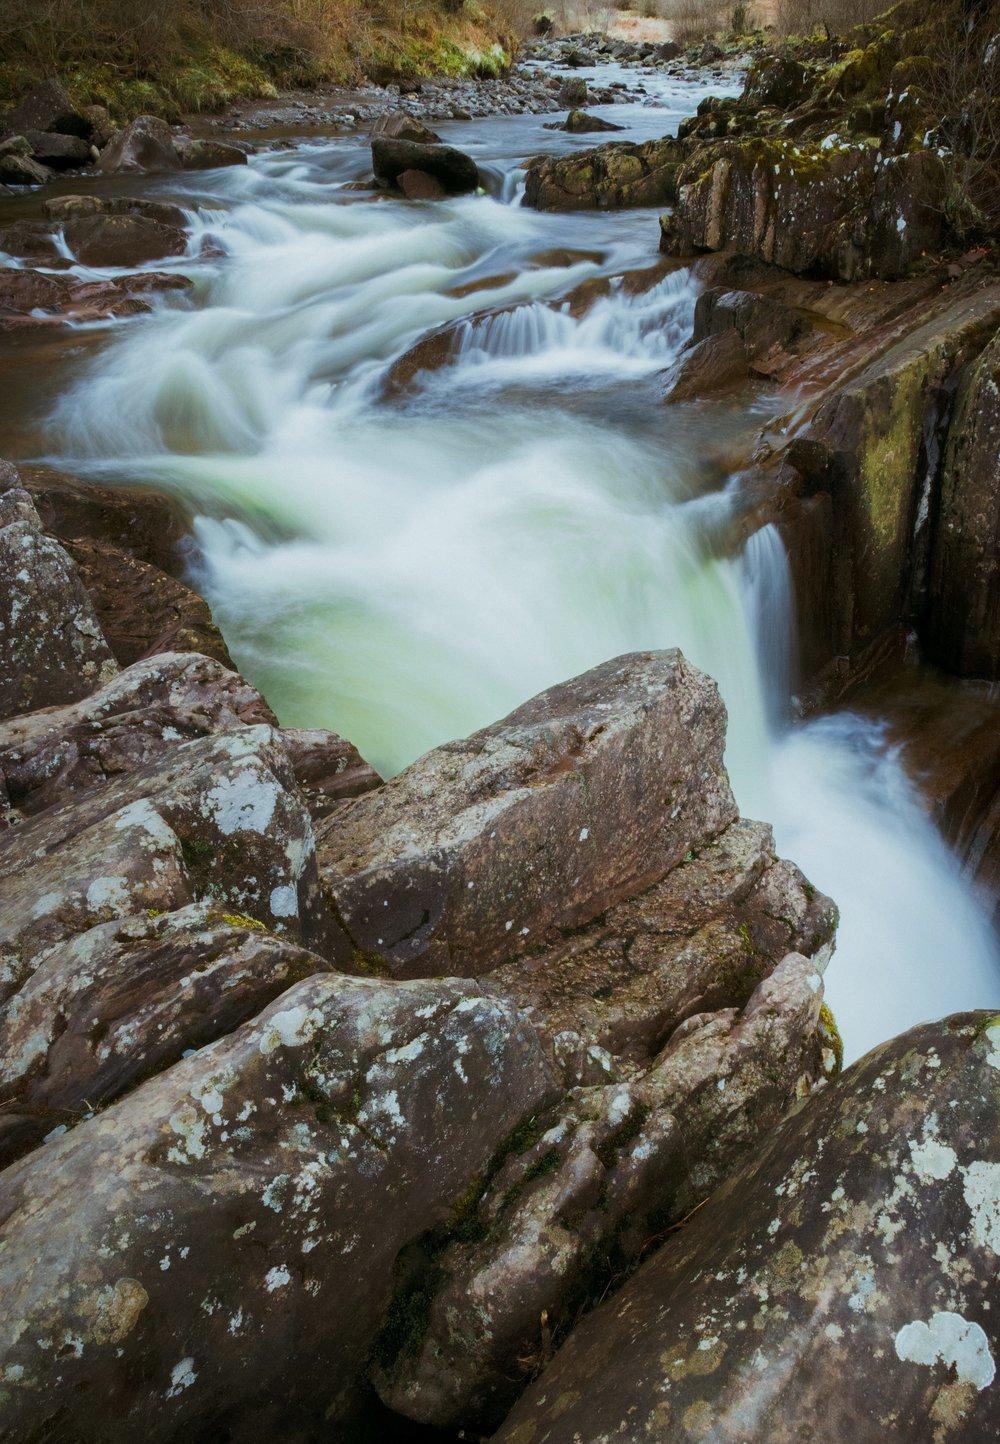 Loch_Lomond-full-04.jpg